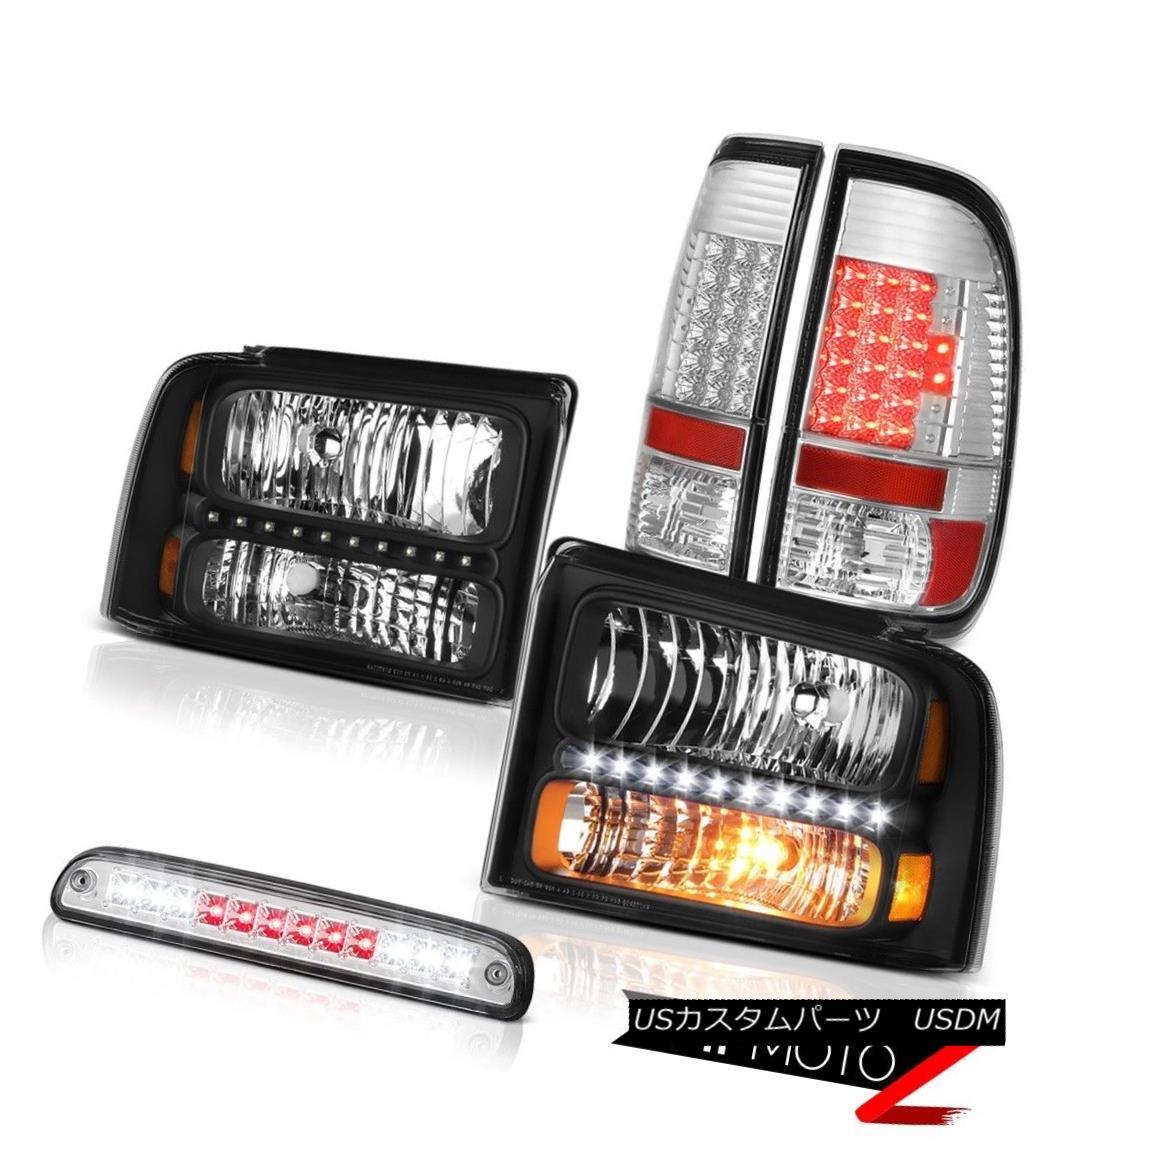 テールライト 05 06 07 F250 5.4L Beast Black Headlights Clear LED Tail Lights 3rd Brake Chrome 05 06 07 F250 5.4LビーストブラックヘッドライトクリアLEDテールライト3rdブレーキクローム